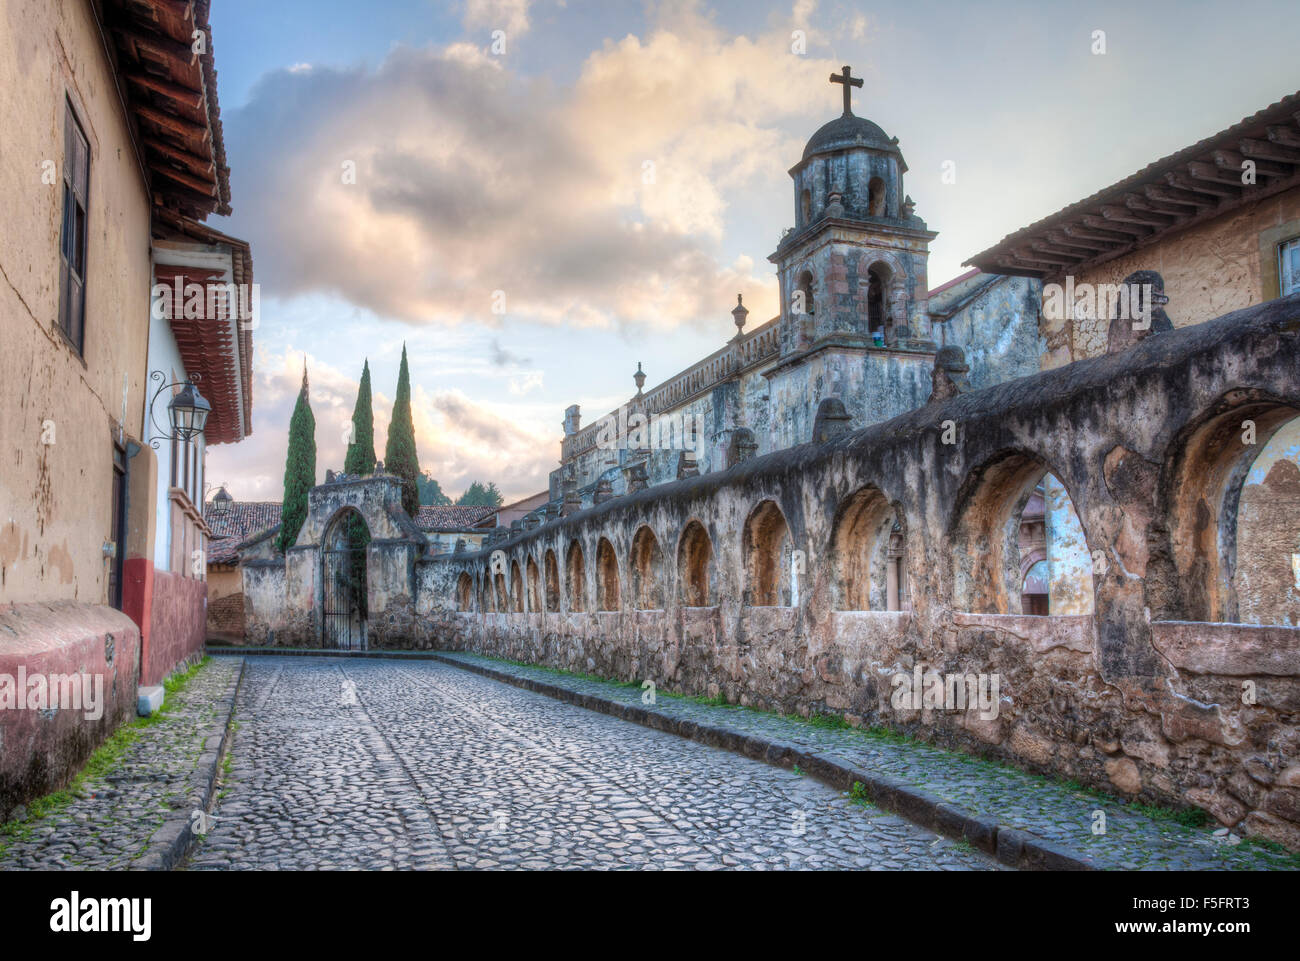 Cobblestone street in the colonial village of Patzcuaro, Michoacan, Mexico. - Stock Image